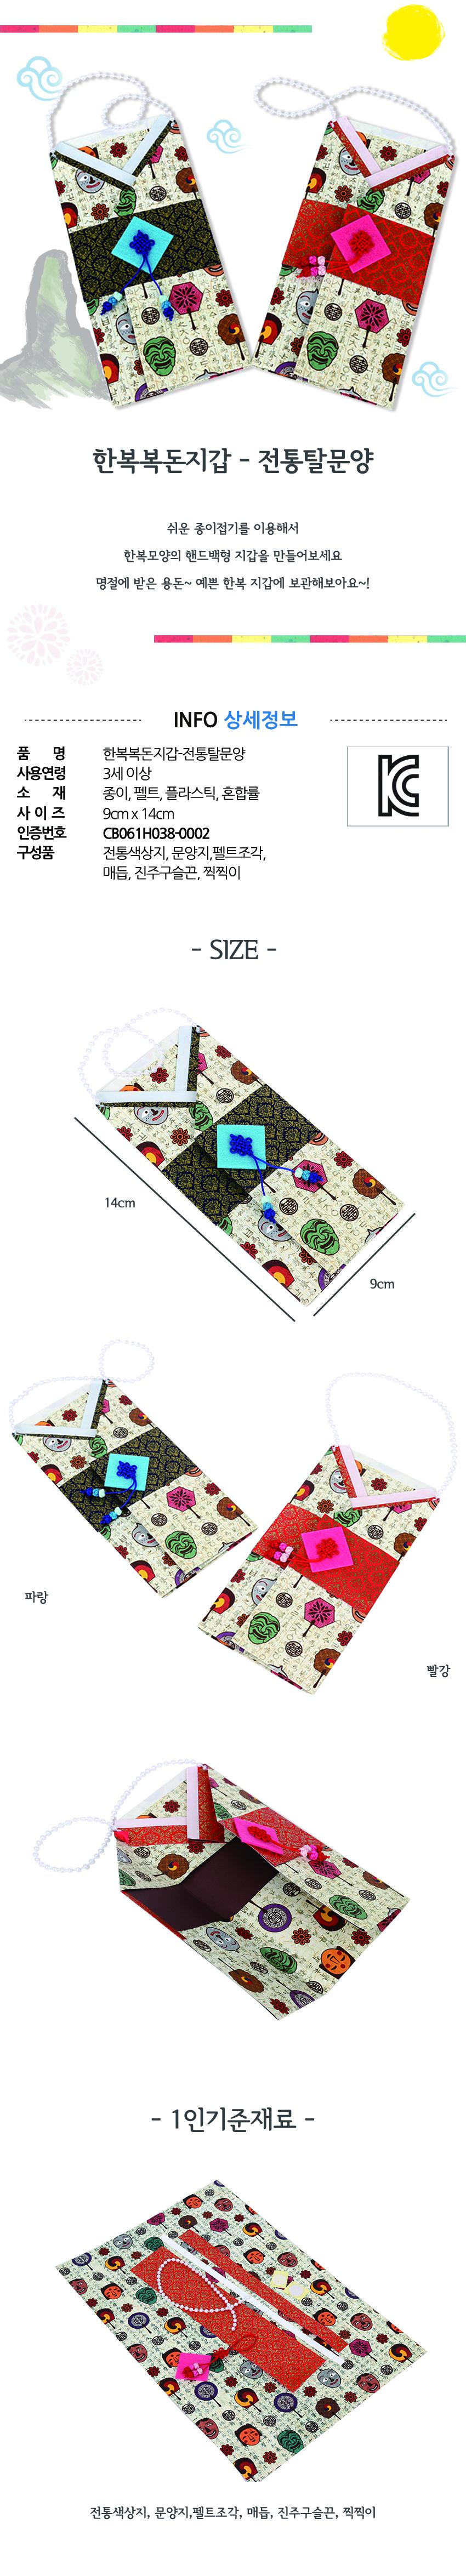 한복복돈지갑-전통탈문양 5인용 - 미술샘, 6,500원, 종이공예/북아트, 종이공예 패키지